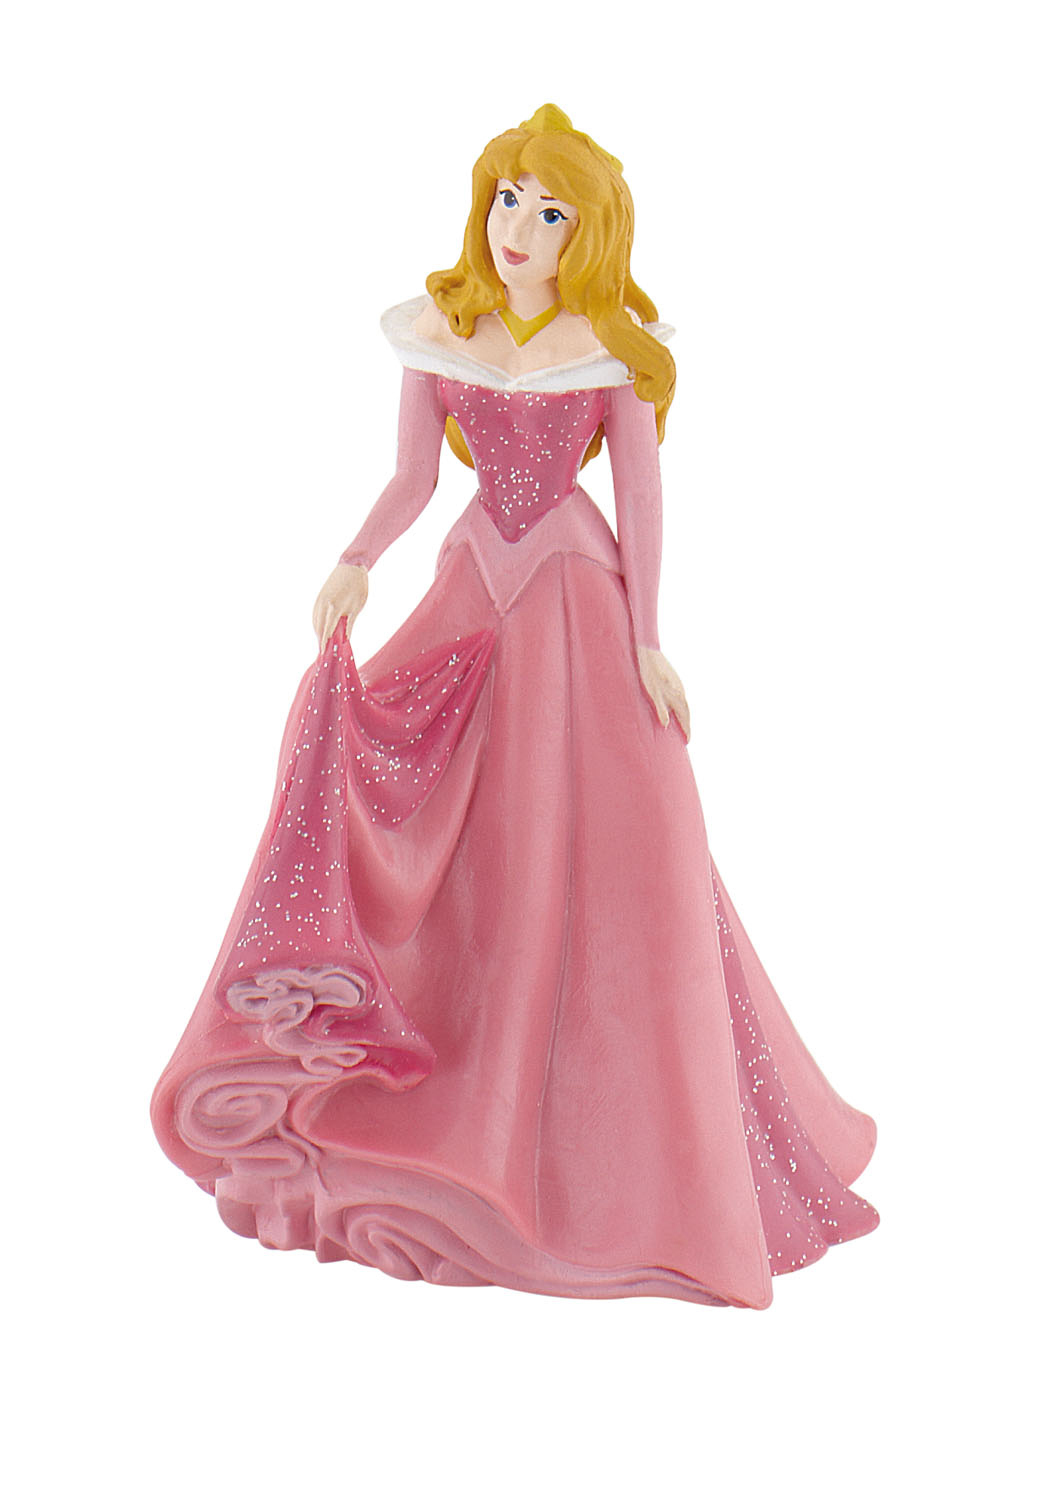 Figurine La Belle Au Bois Dormant Disney - Aurore - 10 cm